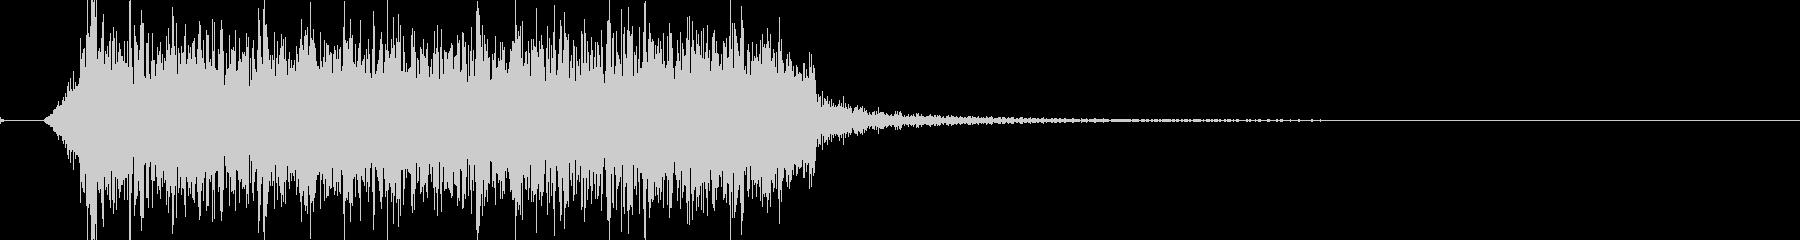 迫力あるロック・メタルのジングル 03の未再生の波形